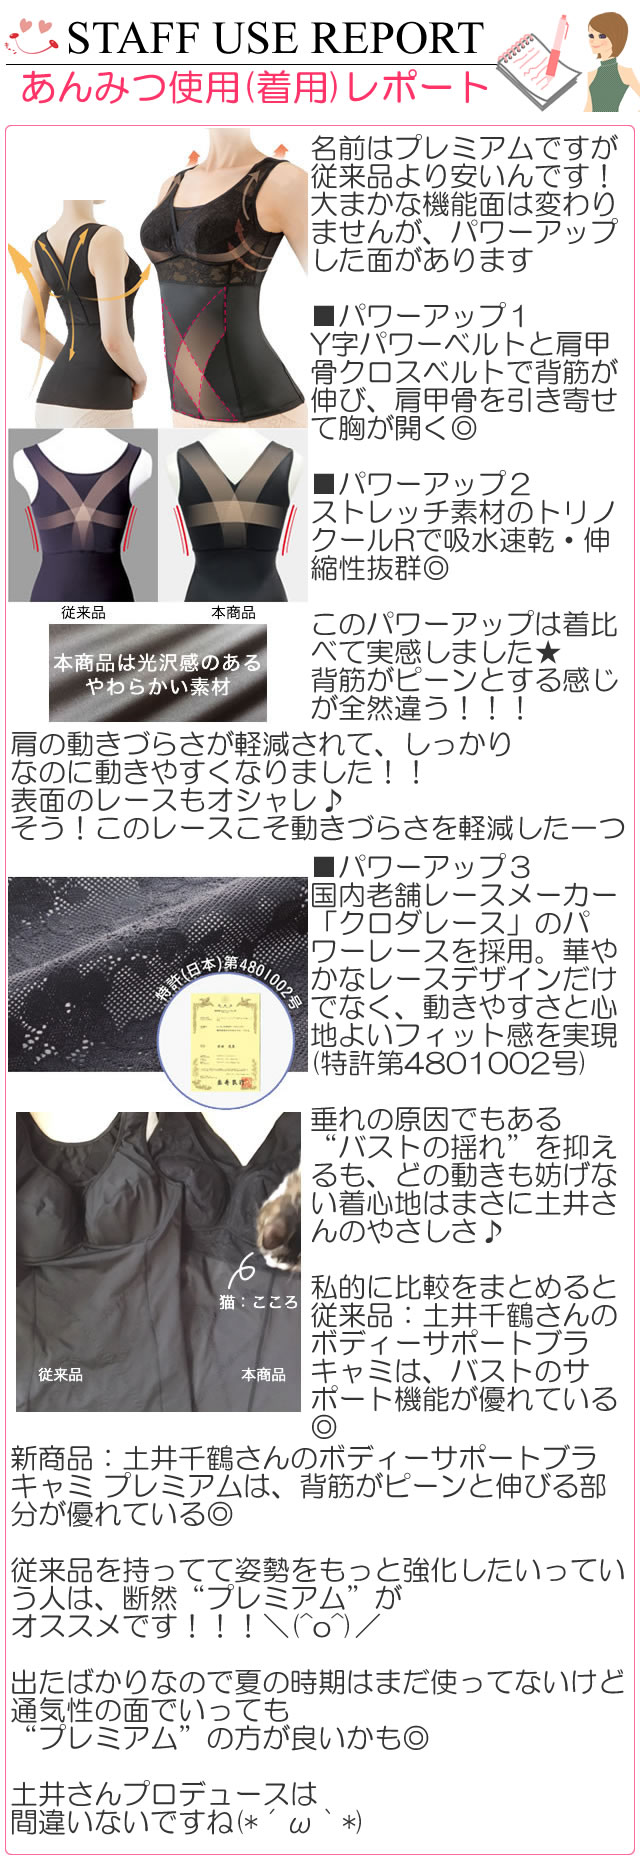 土井さんのボディーサポートブラキャミ プレミアムの着用レポート